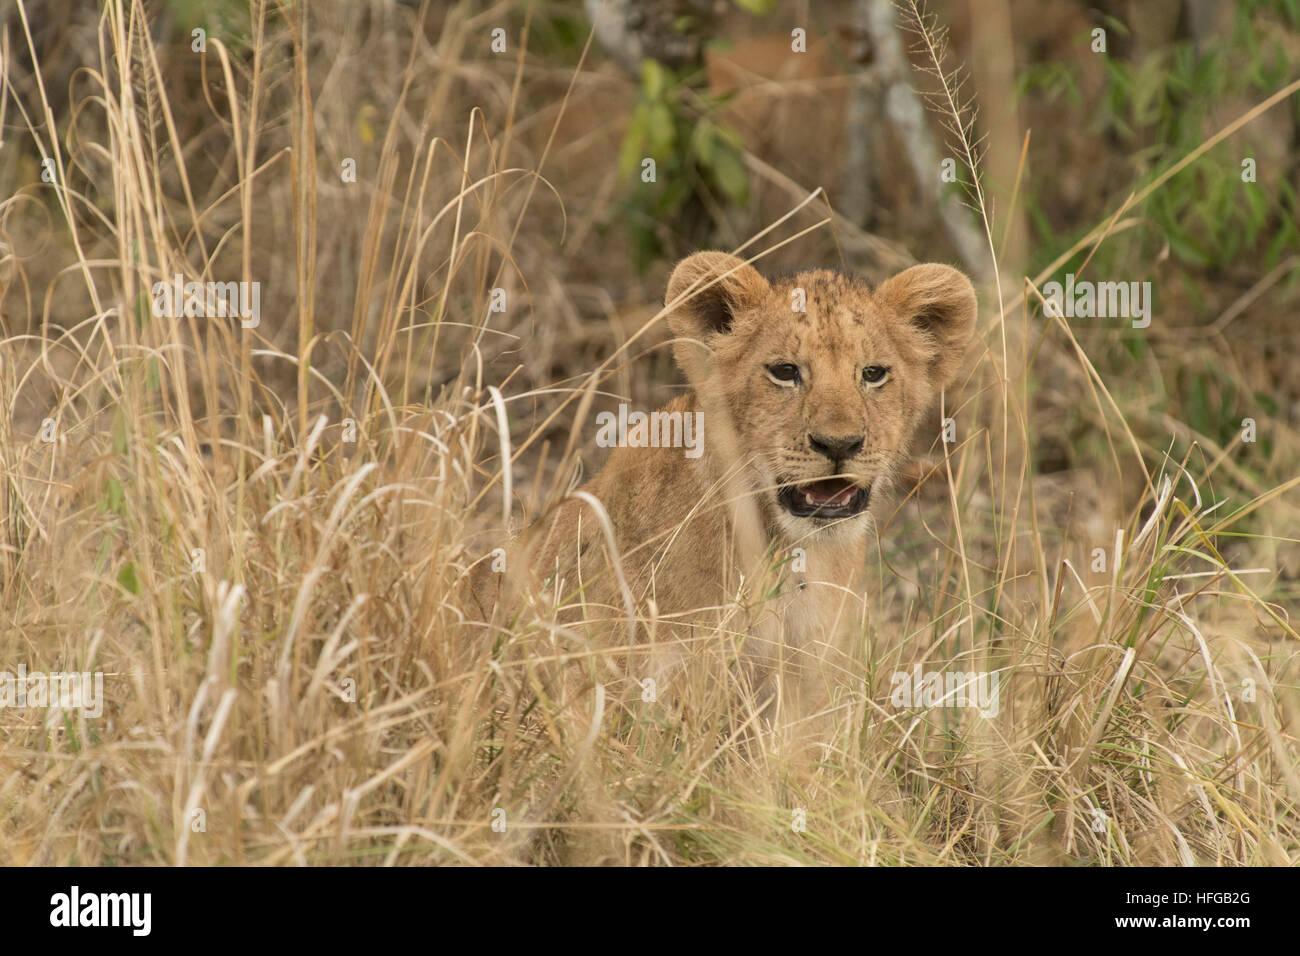 Löwenjunges Gras sitzen und starren Stockbild